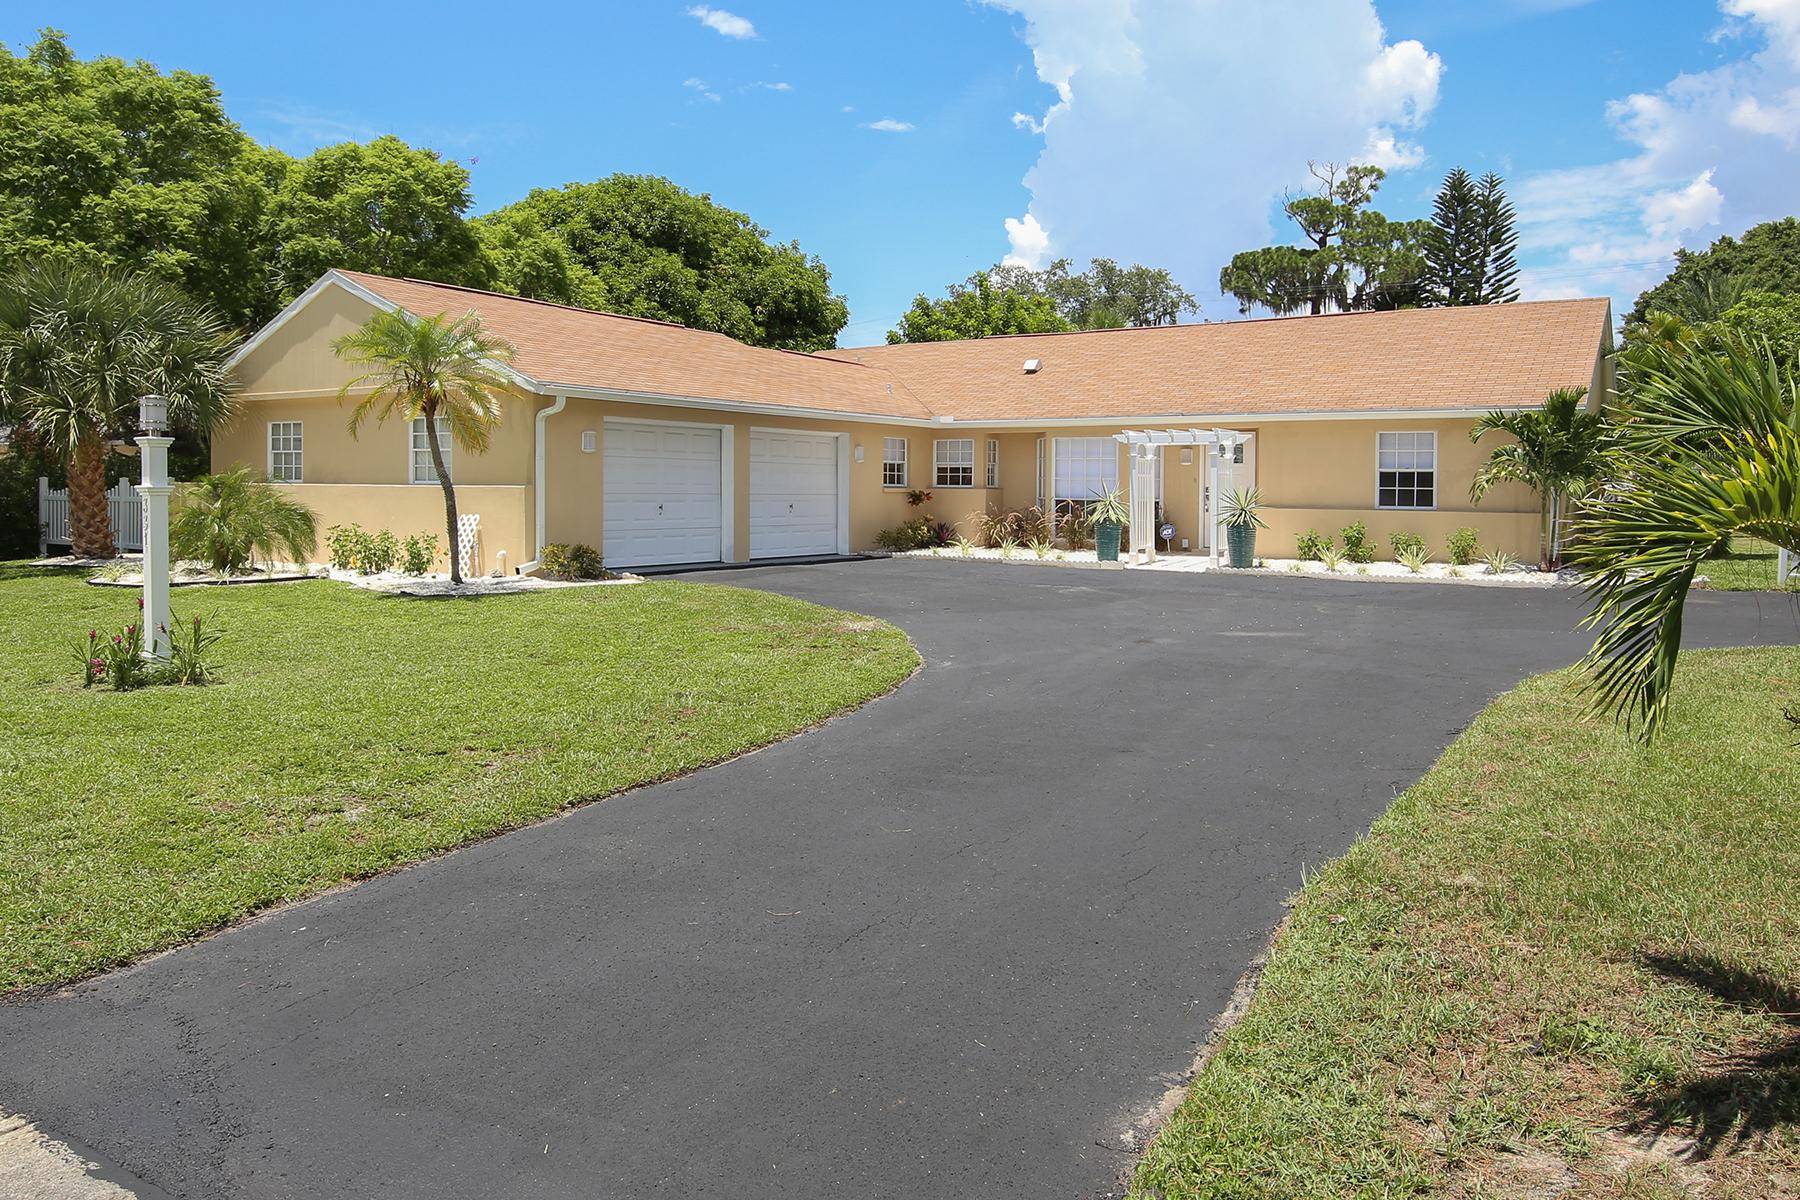 단독 가정 주택 용 매매 에 WHITFIELD ESTATES 331 Scott Ave Sarasota, 플로리다, 34243 미국